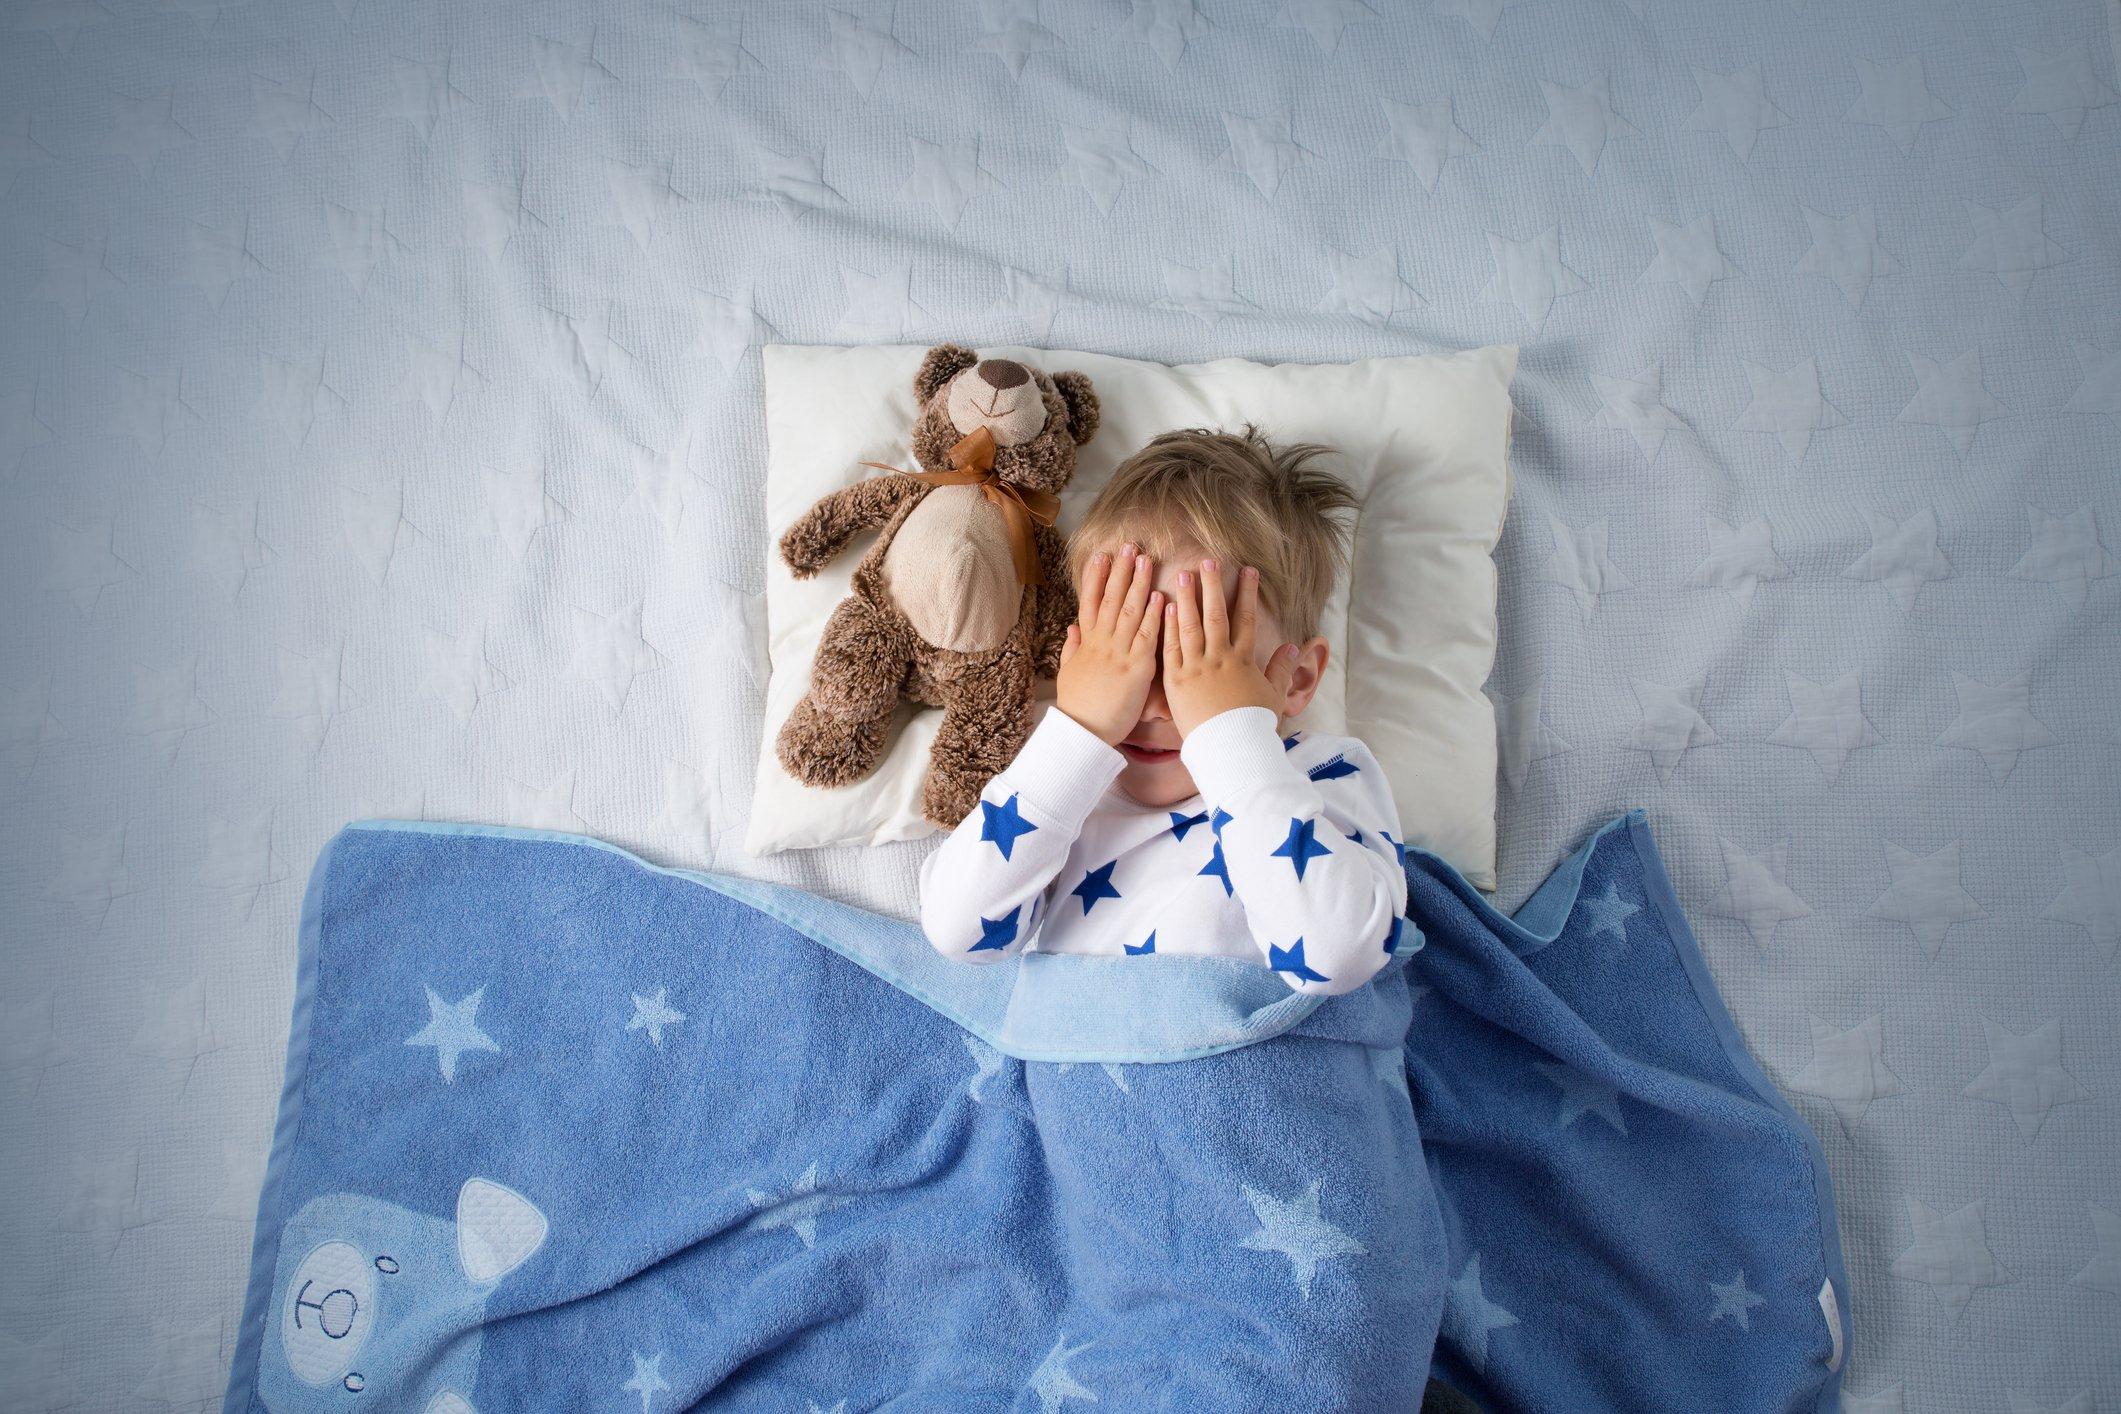 Angst im Dunkeln: Was neben Nachtlicht für Kinder noch hilft